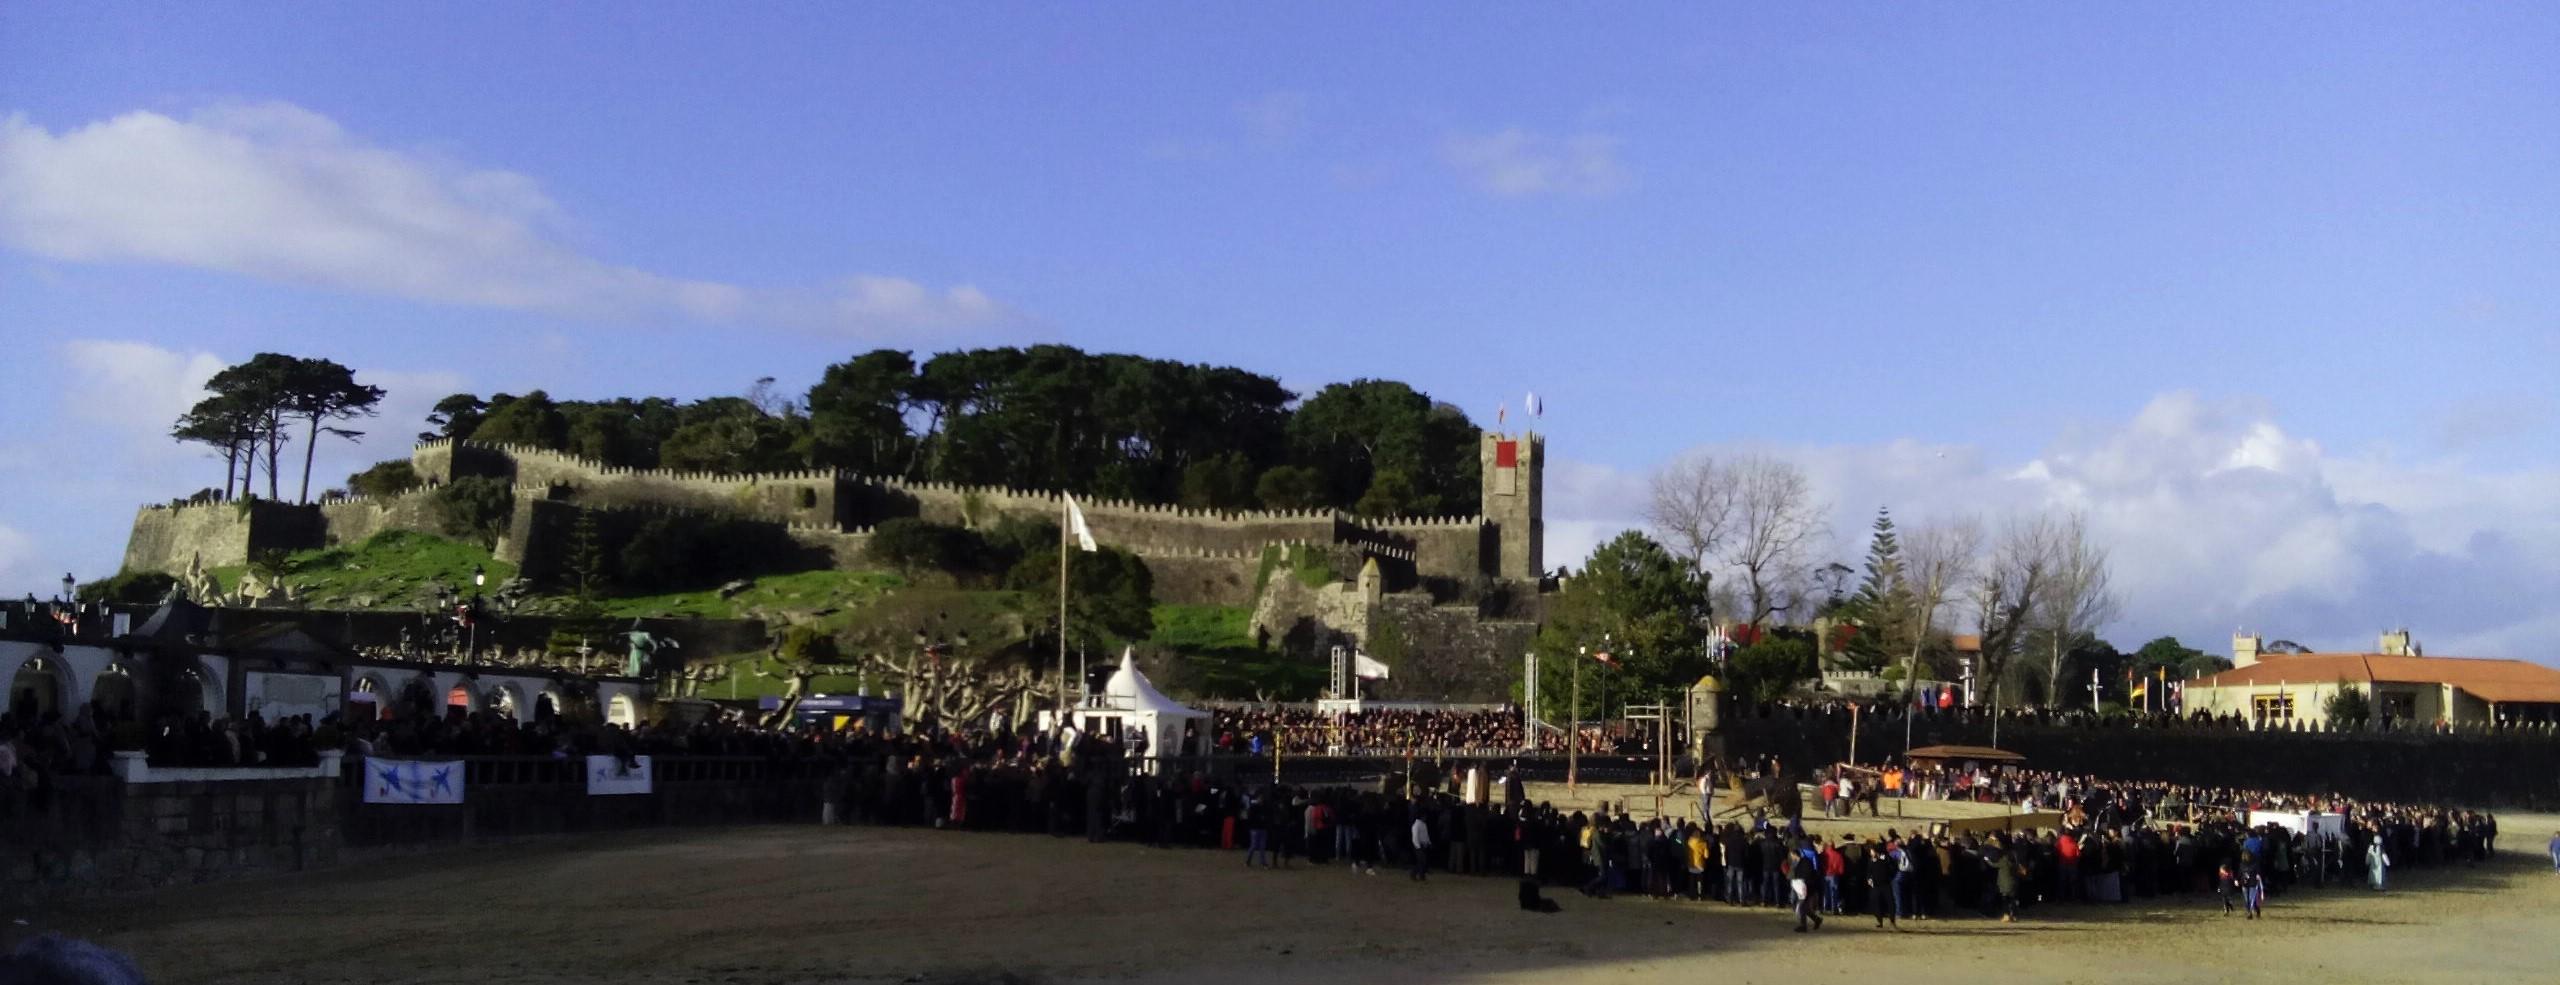 Celebración del Torneo Medieval a pie del Castillo de Monterreal © Lucía P. Álvarez